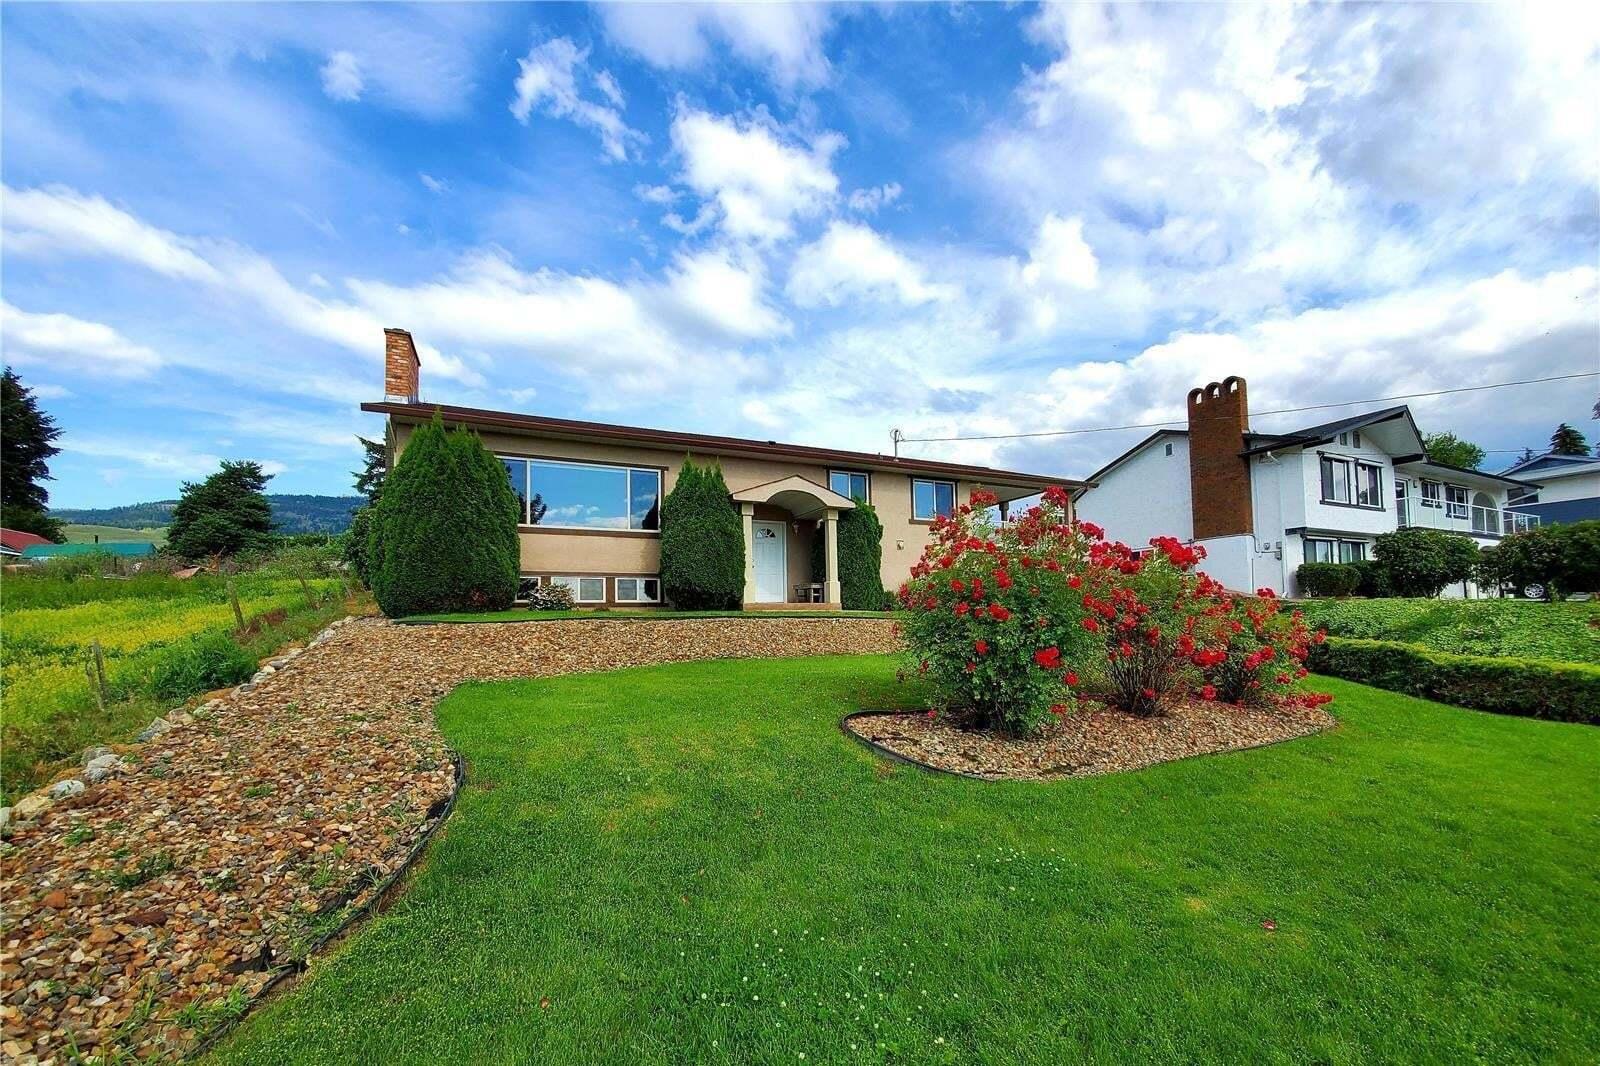 House for sale at 565 El Carlo Rd Kelowna British Columbia - MLS: 10209997